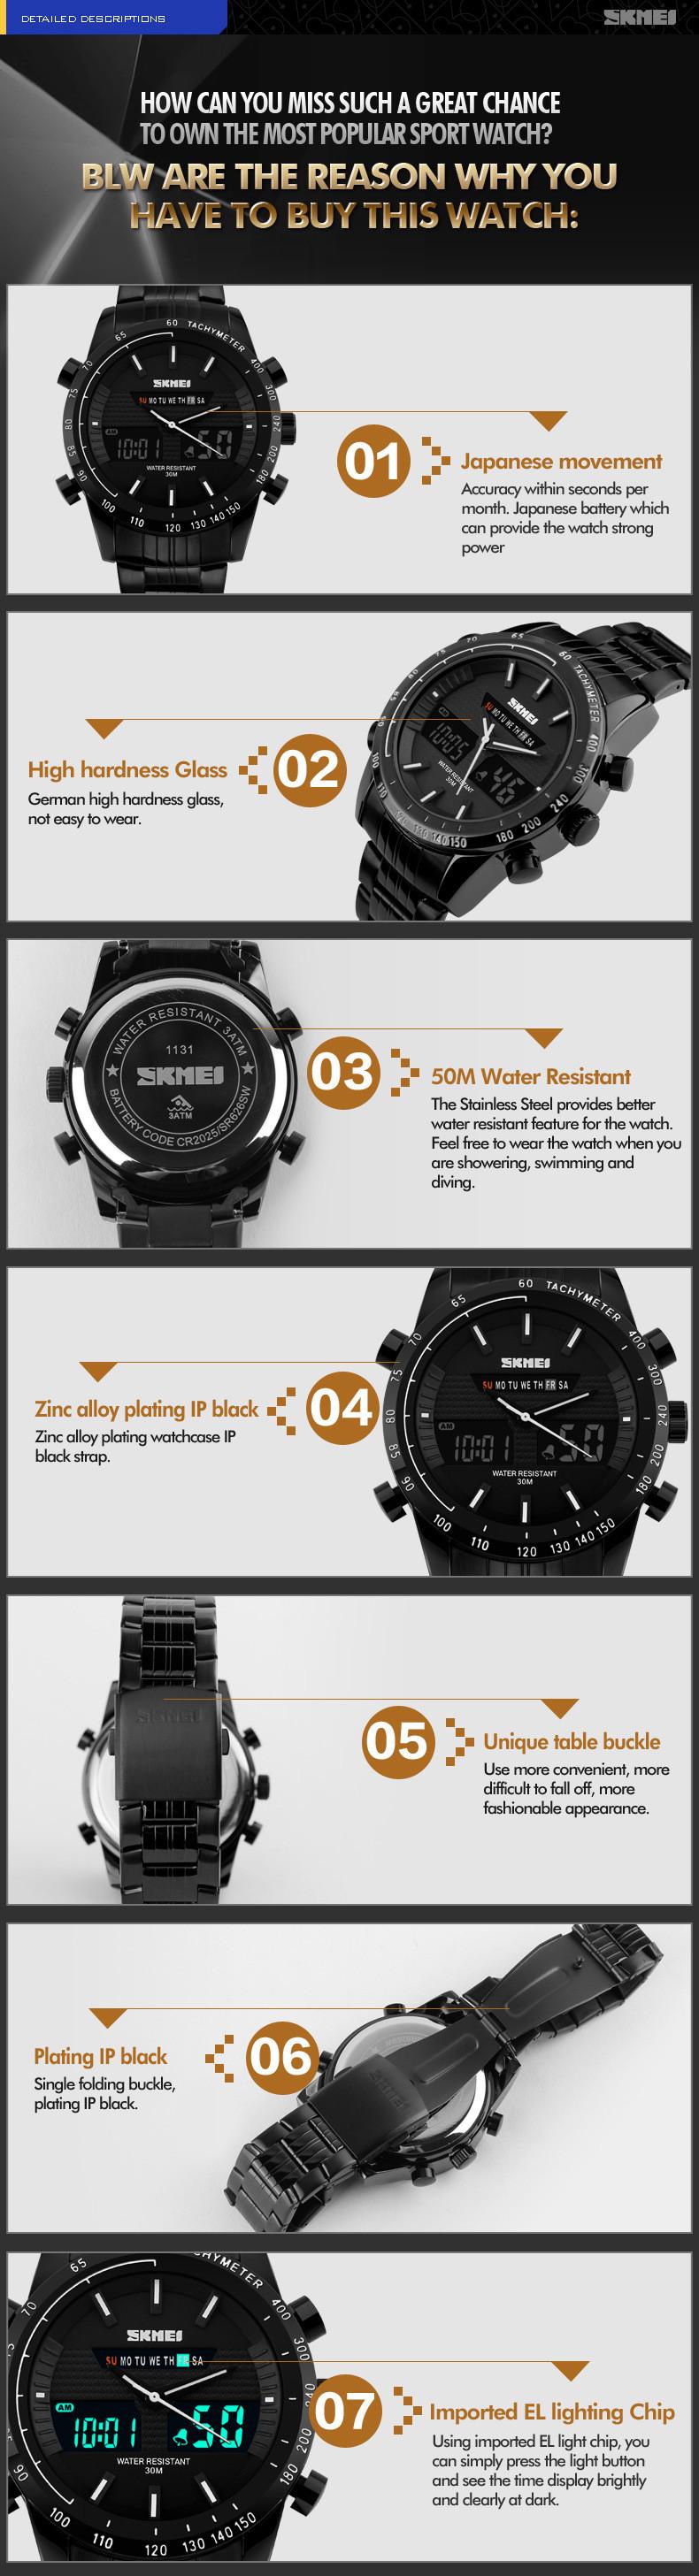 Роскошные Мужчины Спорт Военные Часы Моды Случайные Платье Наручные Часы 30 м водонепроницаемый 2 Часовой пояс Цифровые Кварцевые СВЕТОДИОДНЫЕ Часы